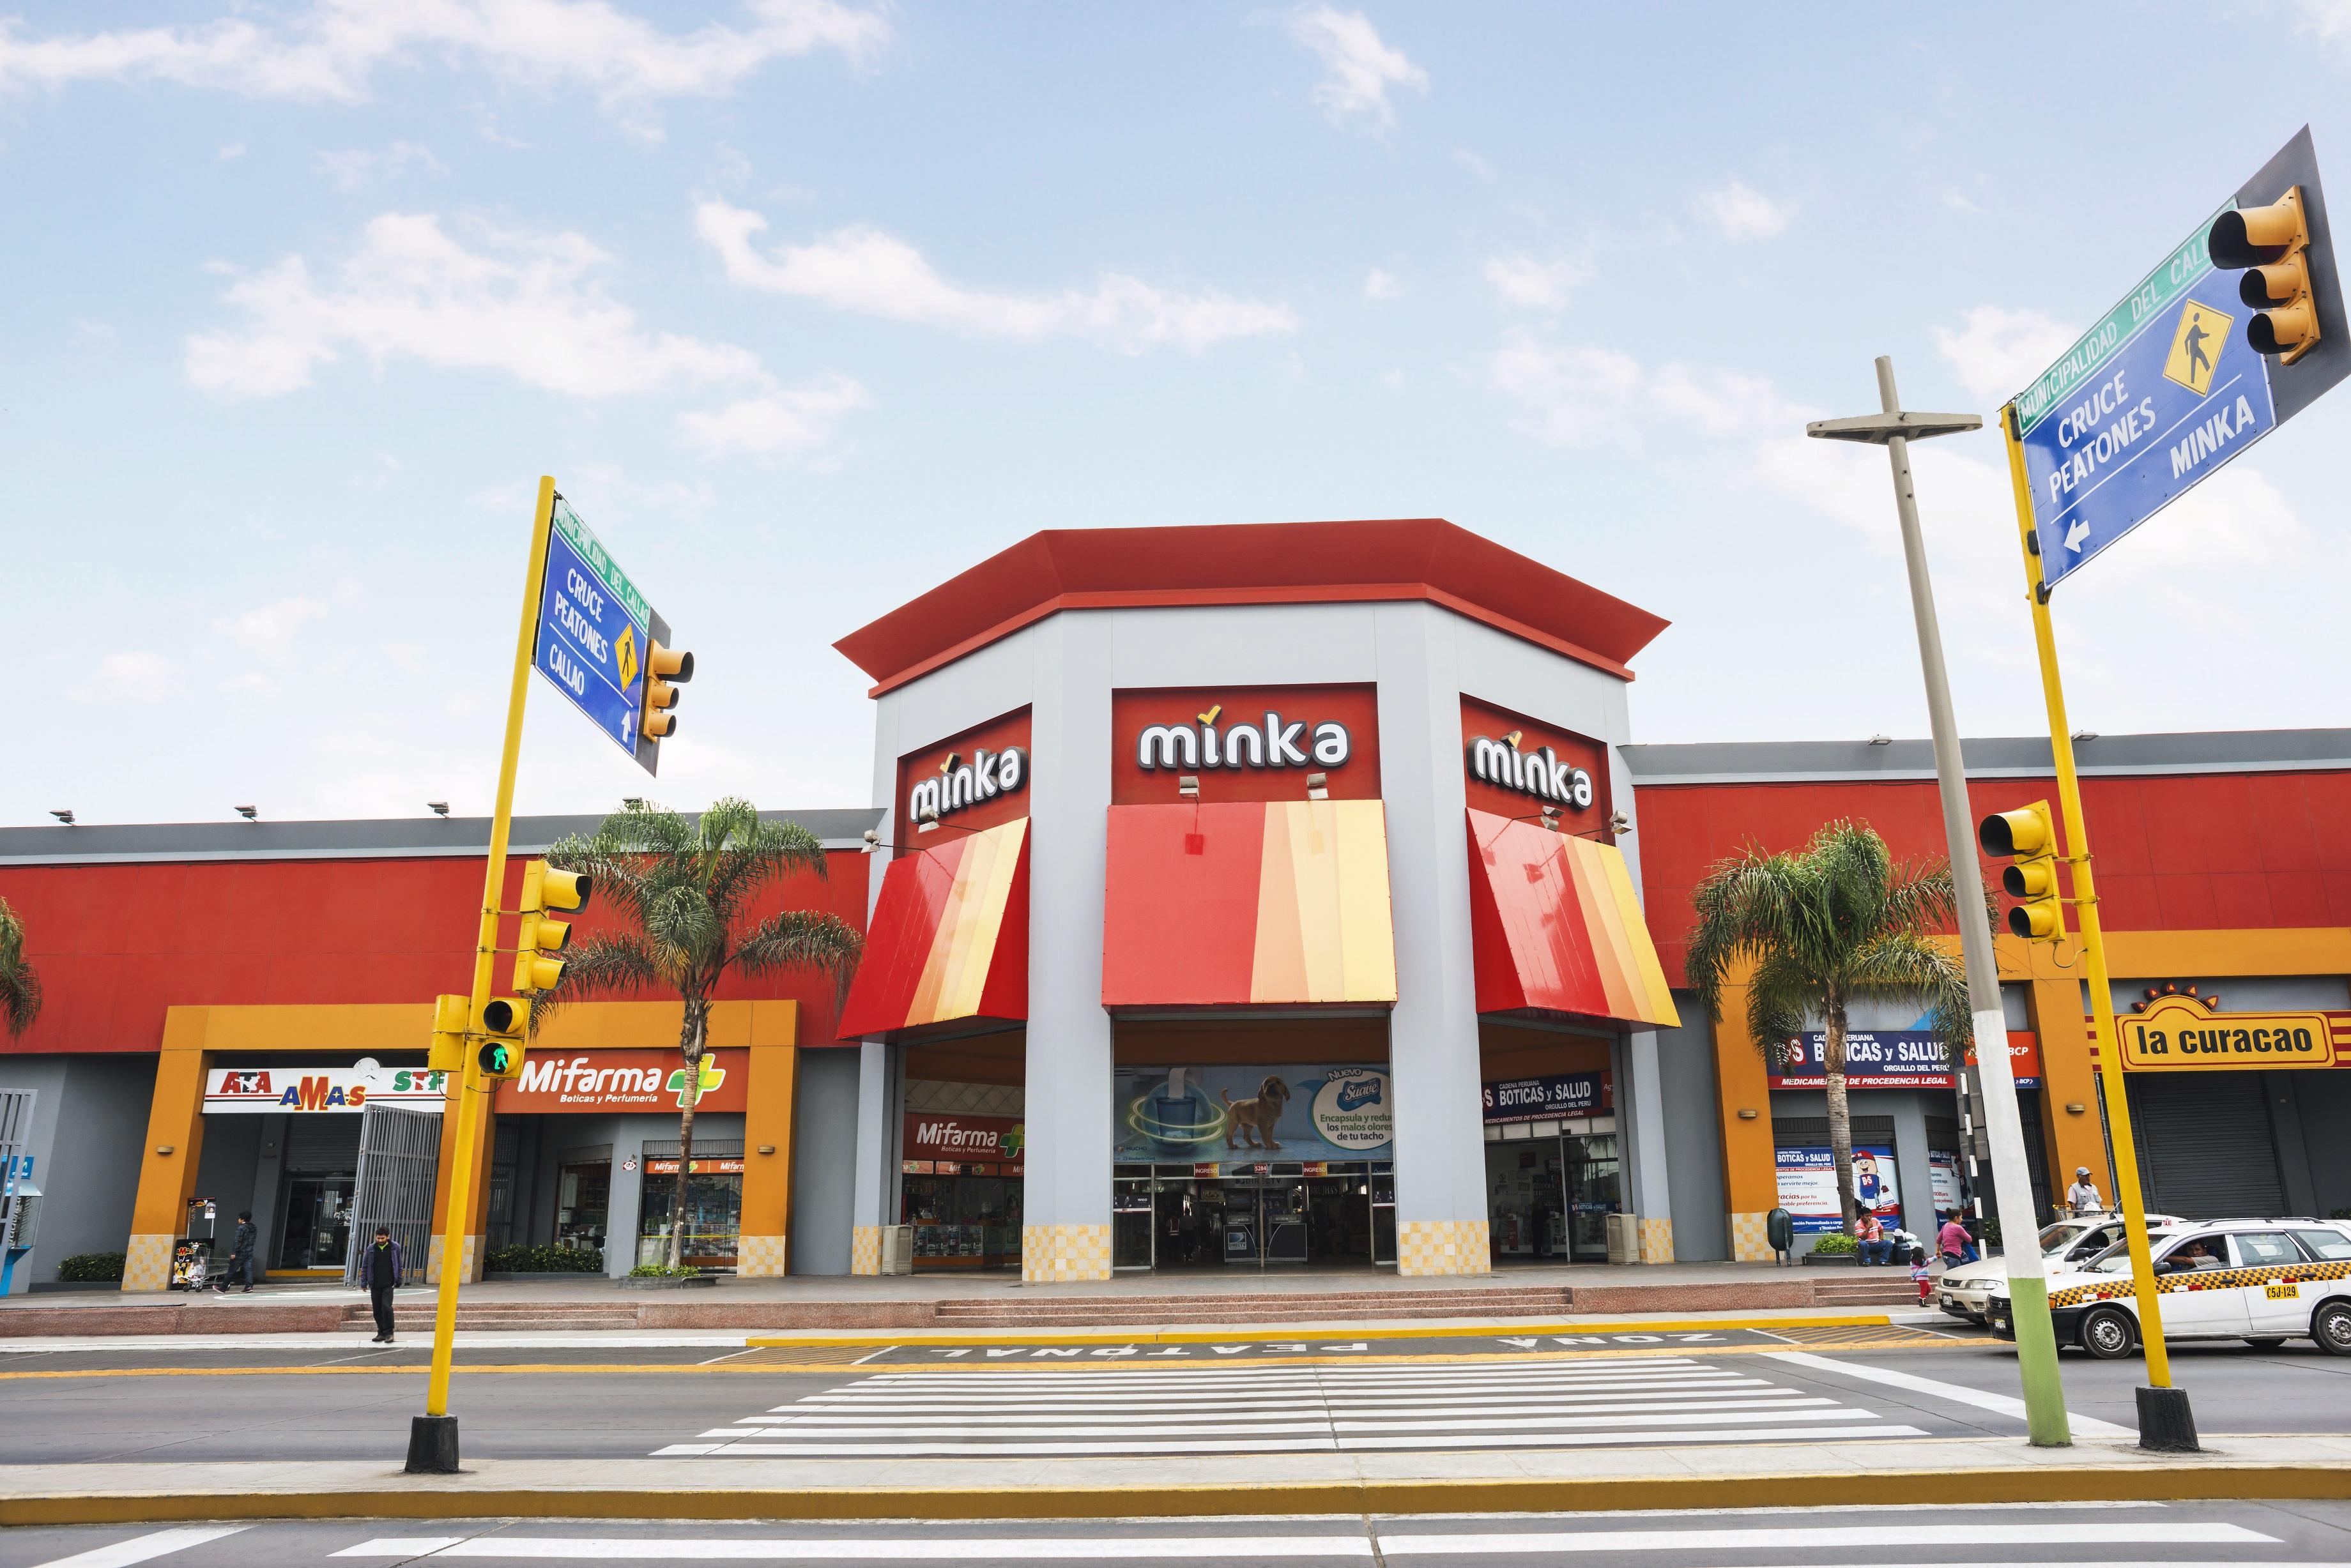 Minka 1 - ¿Qué nuevas marcas ingresarán a Minka este año?